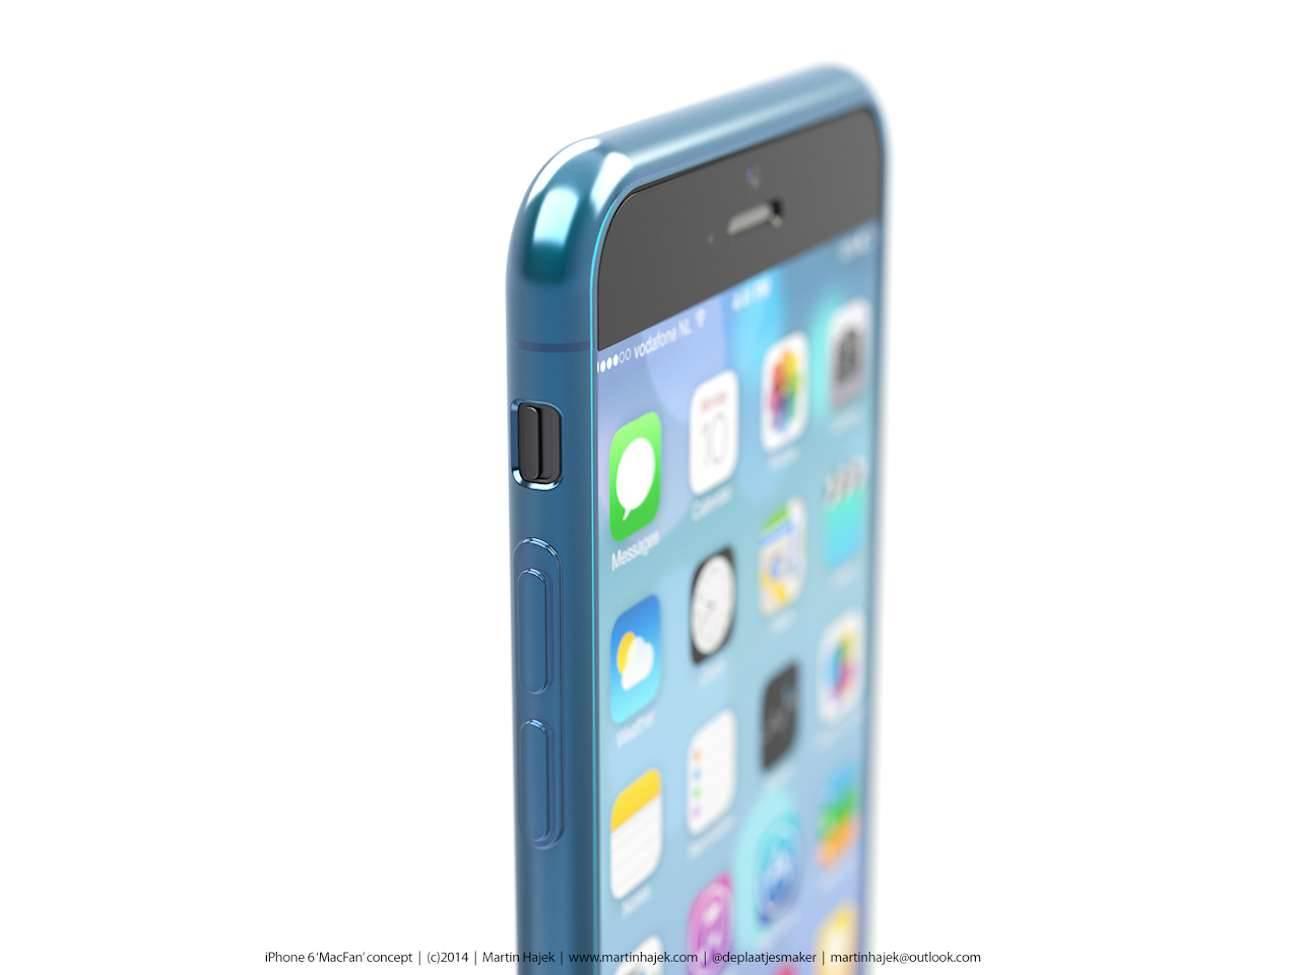 iPhone 6 i bardzo interesujący koncept Martina Hajek'a ciekawostki Zdjęcia iPhone 6, Wizja, Nowy iPhone 6, koncept, jak będzie wyglądał nowy iPhone 6, iPhone6, iPhone Air, iPhone 6, iPhone, Apple  Pamiętacie jak kilka dni temu umieściliśmy na stronie zdjęcia rzekomej obudowy nowego iPhone'a 6? iP71